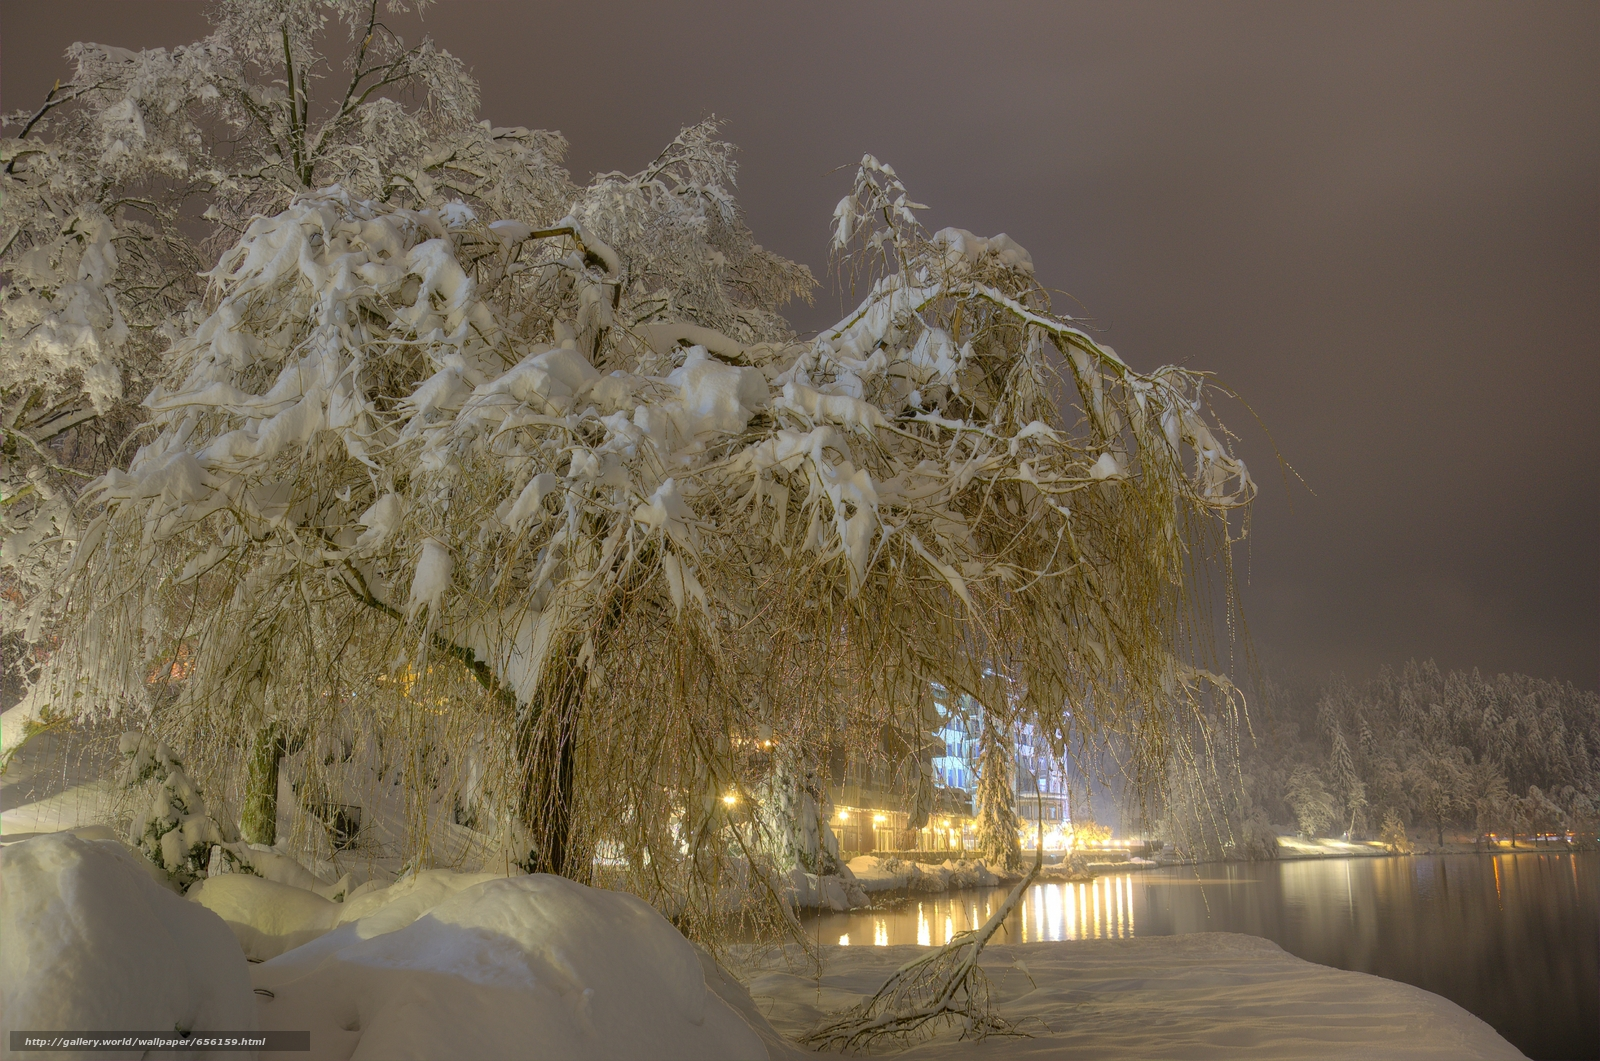 Tlcharger Fond d'ecran hiver,  neige,  arbres,  rivière Fonds d'ecran gratuits pour votre rsolution du bureau 4947x3279 — image №656159